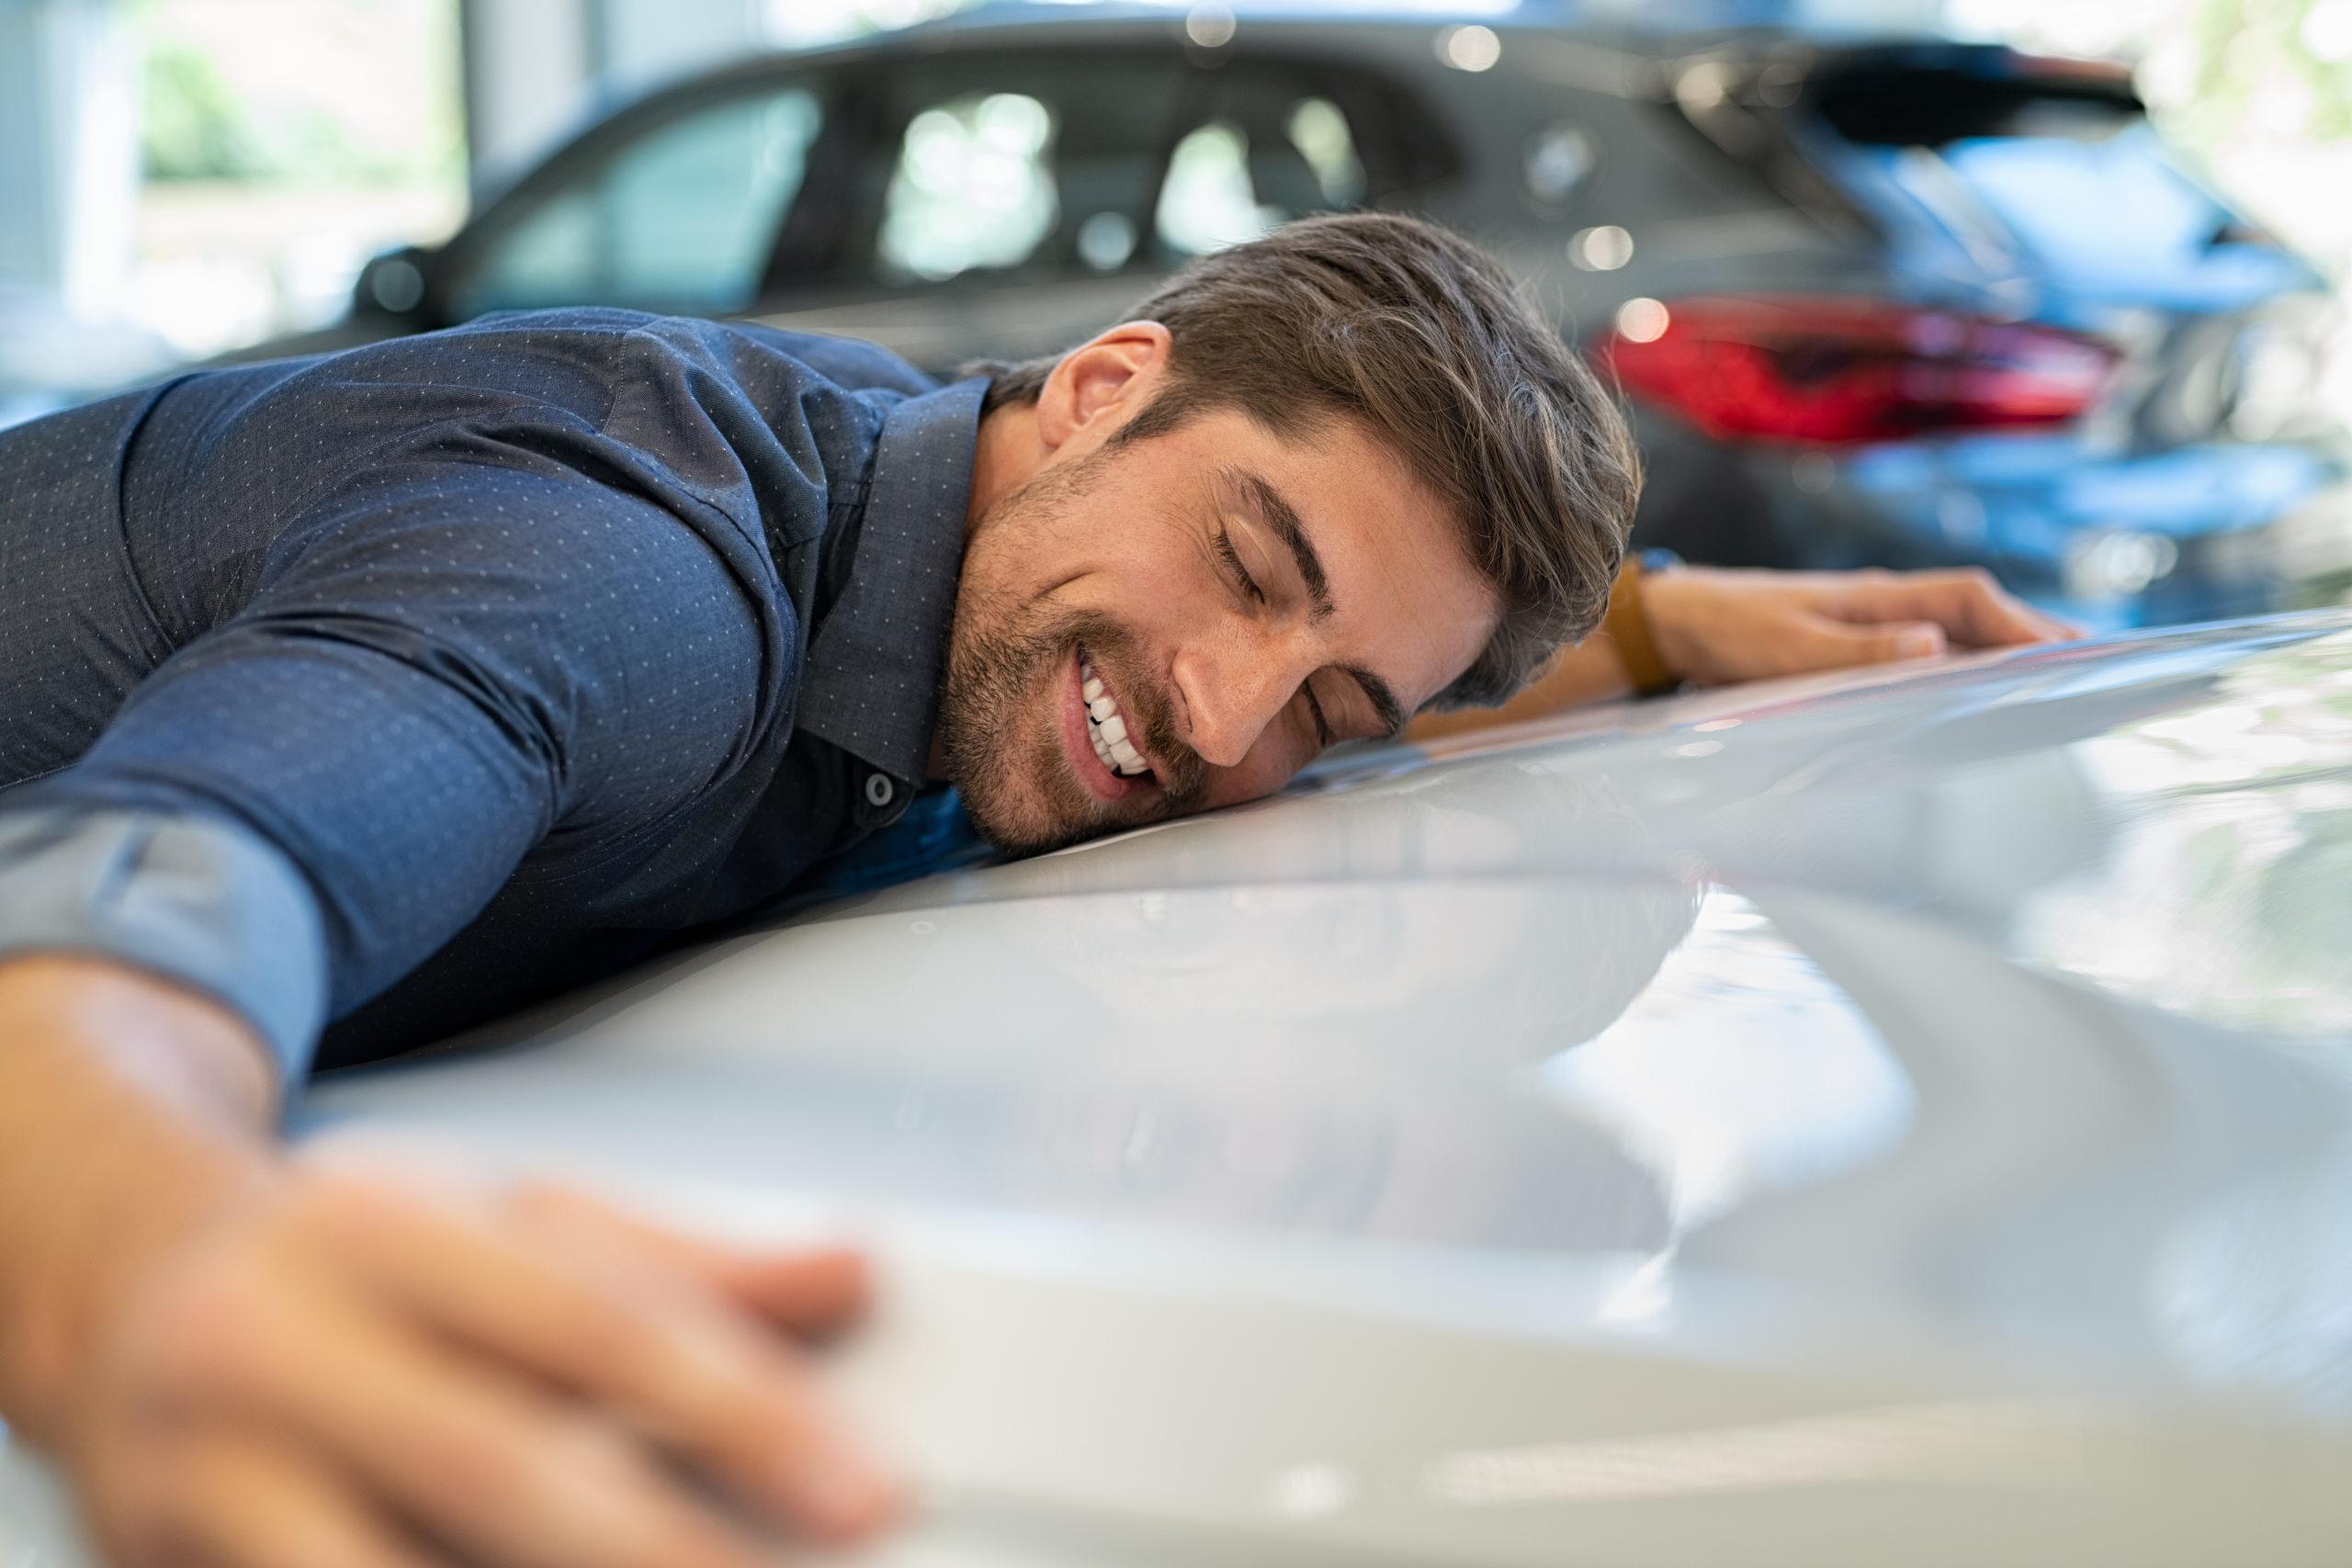 Image 1 comment entretenir sa voiture